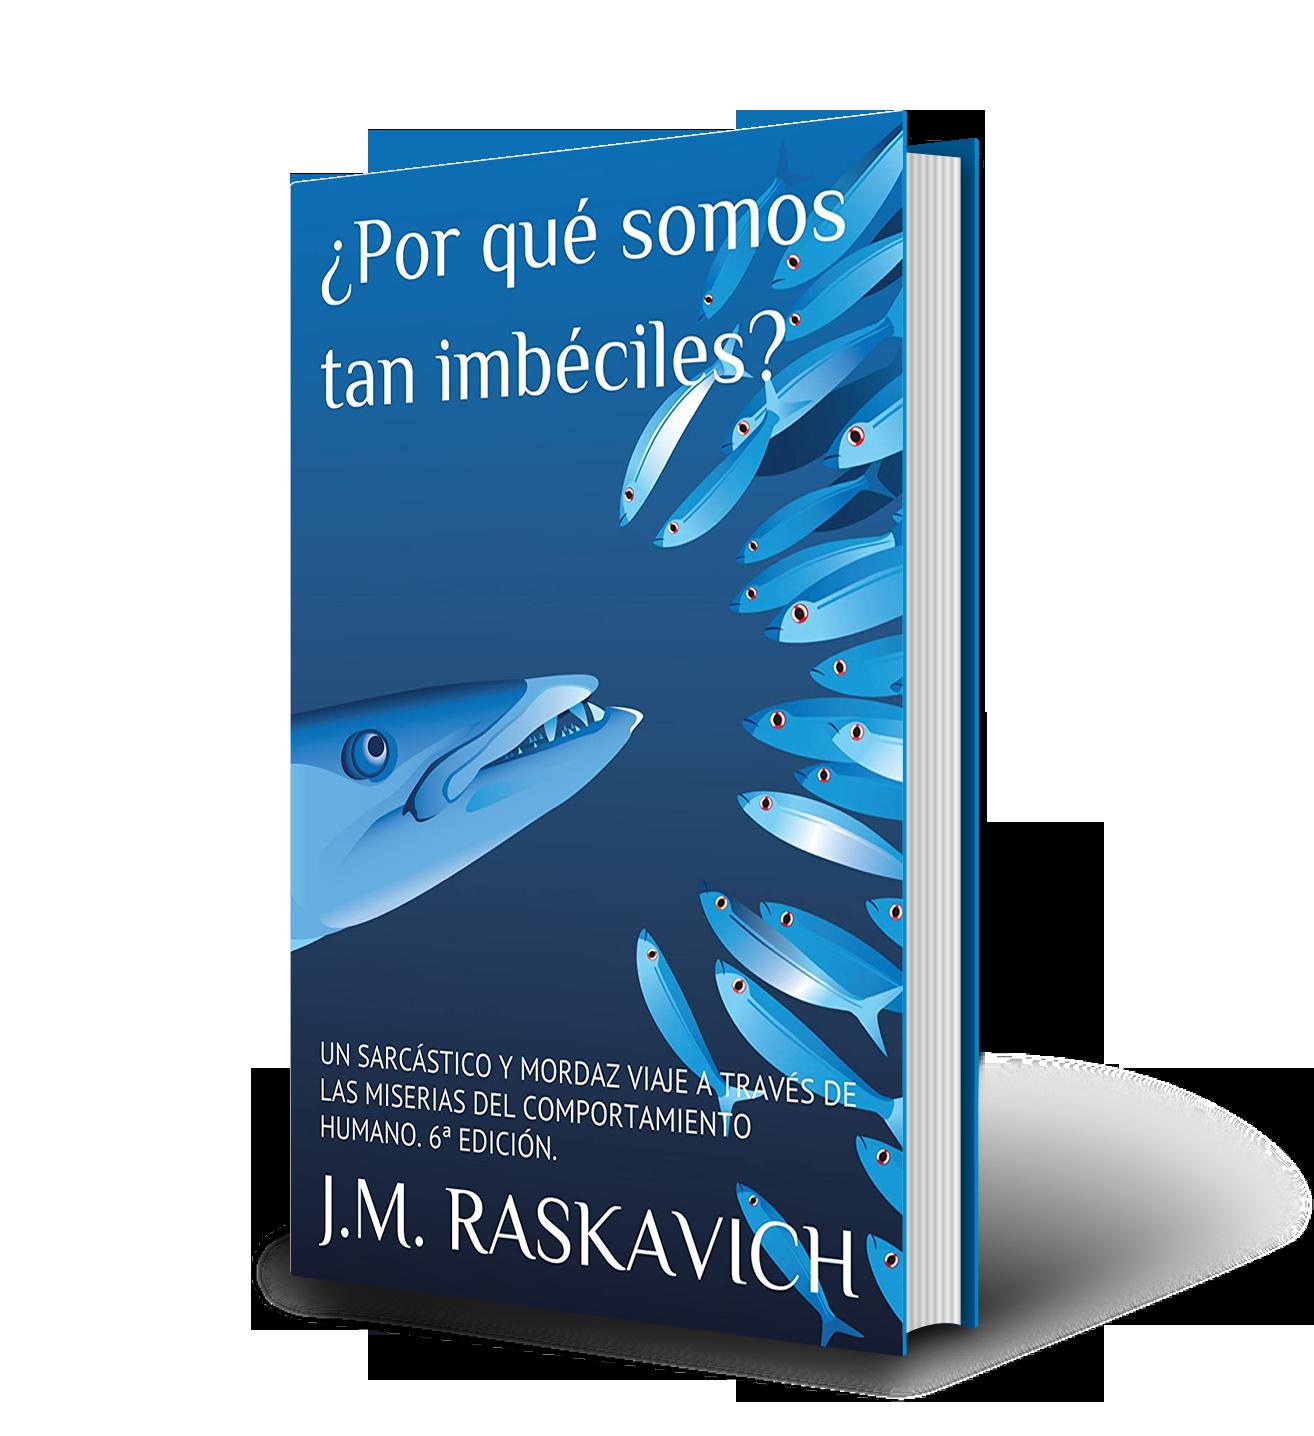 Libro ¿Por qué somos tan imbeciles? 6ª Edición